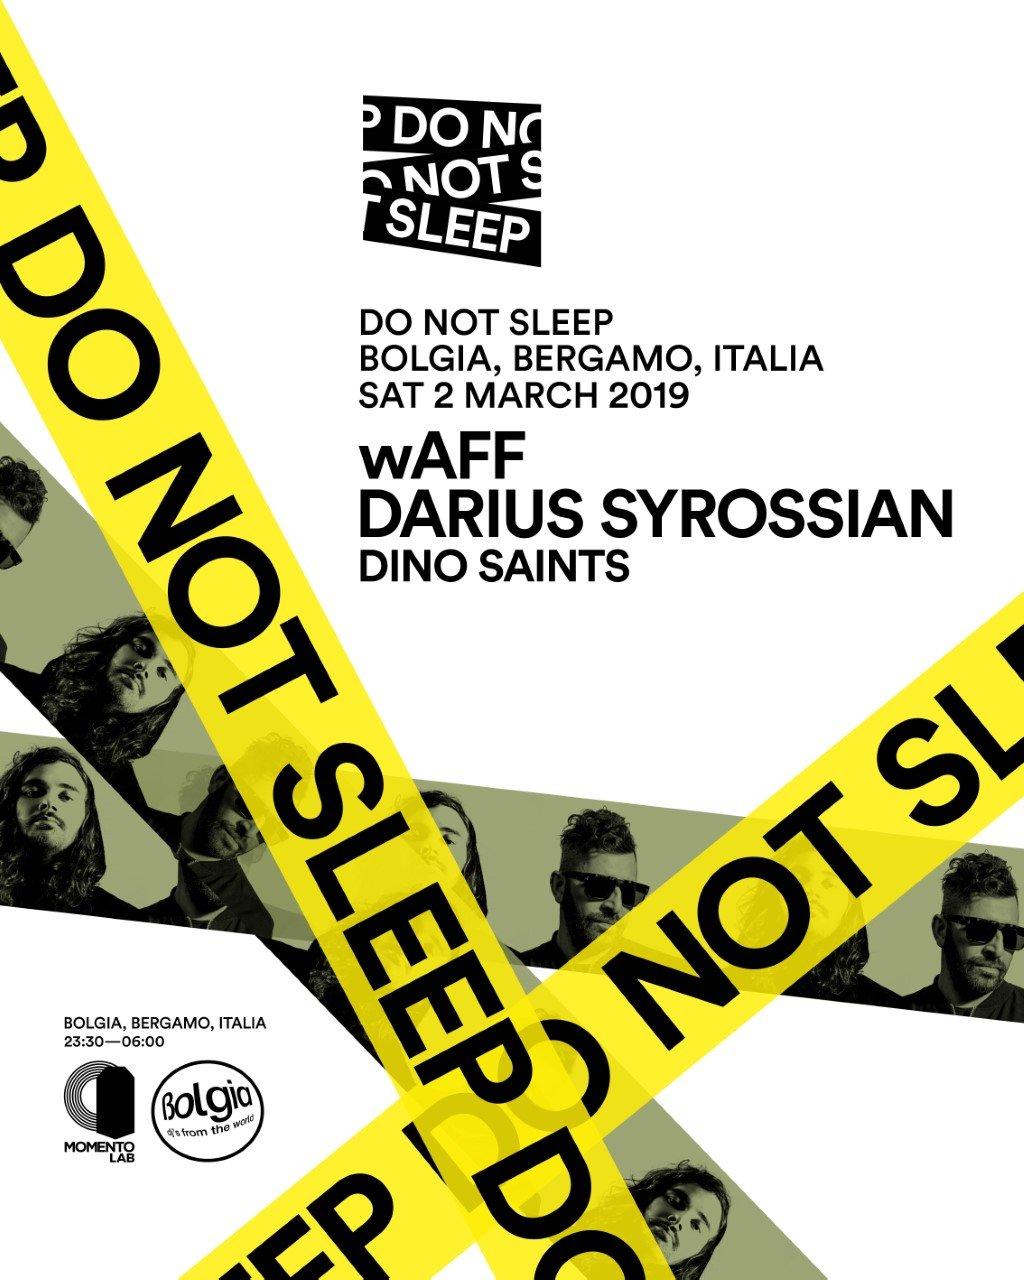 Do not sleep party Darius Syrossian